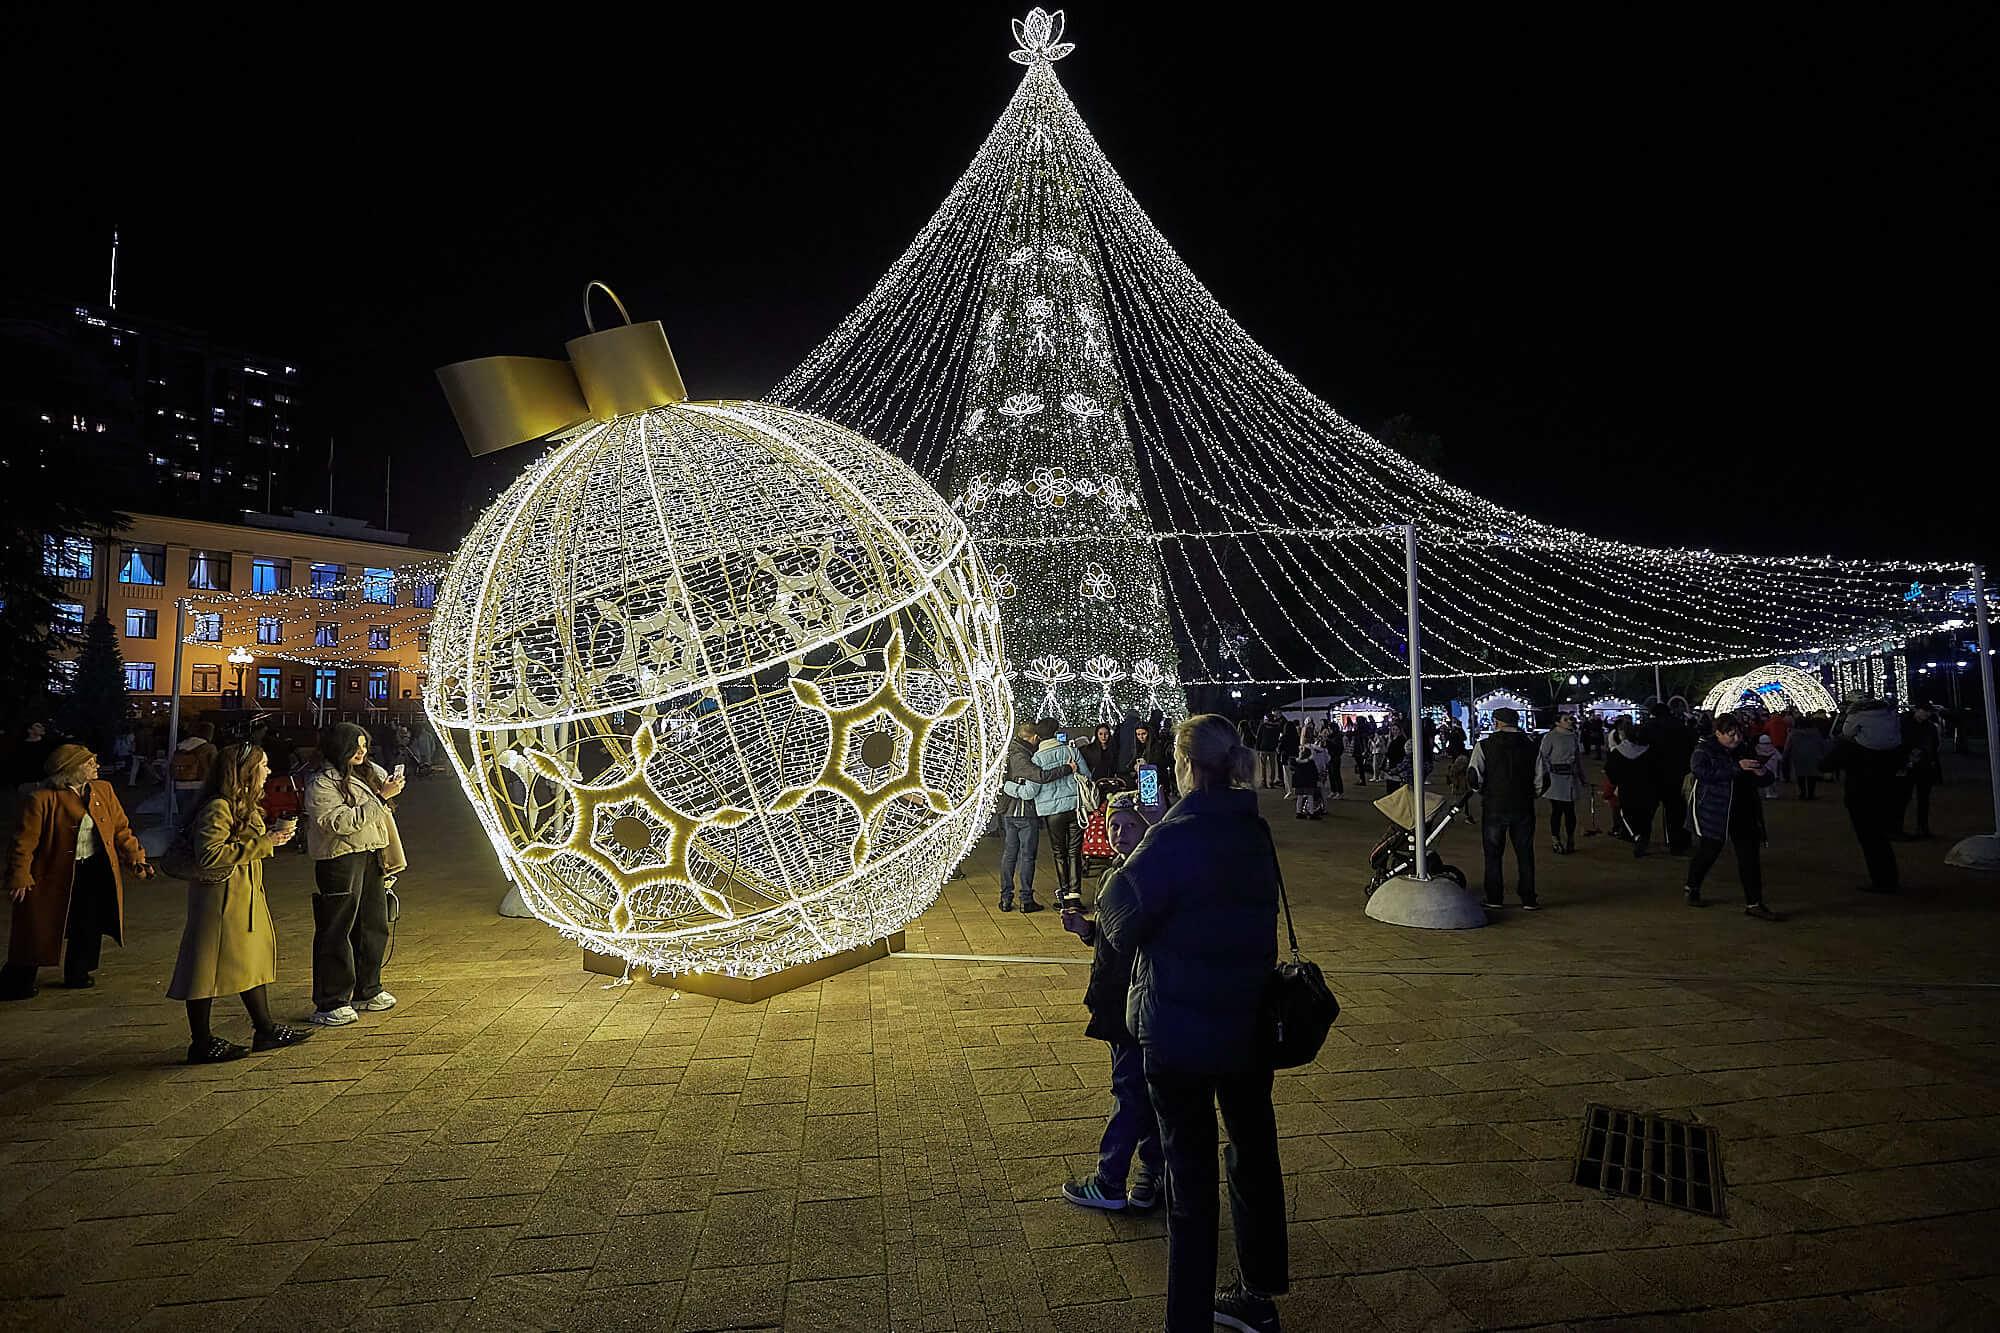 Новогодний Сочи: город украсили огромными шарами и светящимися пальмами